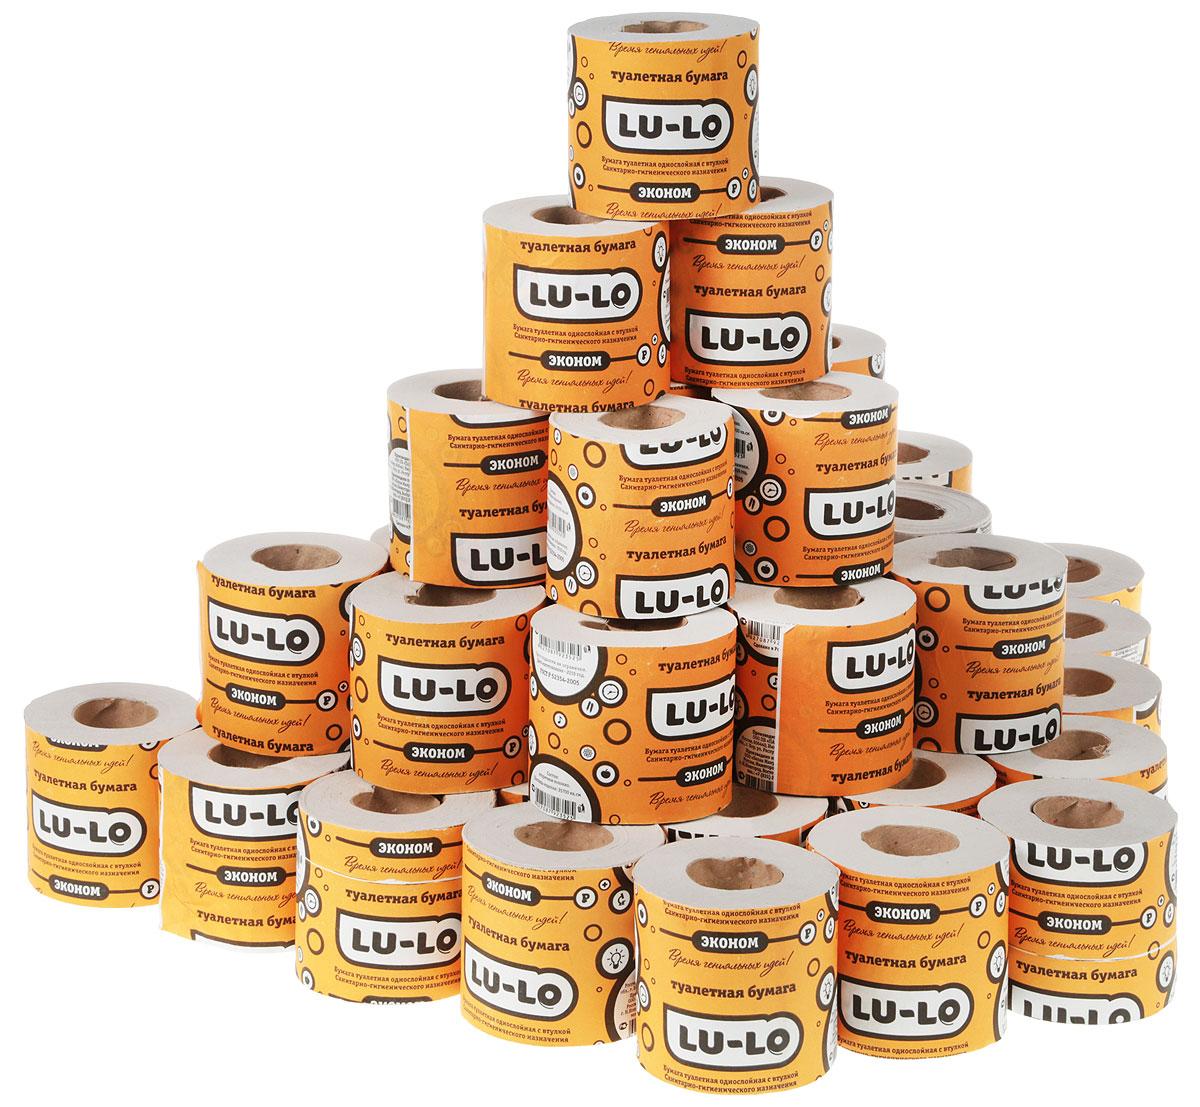 Бумага туалетная Lu Lo, 50 рулонов870536Туалетная бумага LU LO не содержит хлора, клея, макулатуры и флуоресцентных добавок. Изготовлена из натуральных растительных волокон - экологически чистой 100% целлюлозы. Благодаря этим волокнам она обладает прекрасно впитывающей способностью, прочностью и мягкостью.